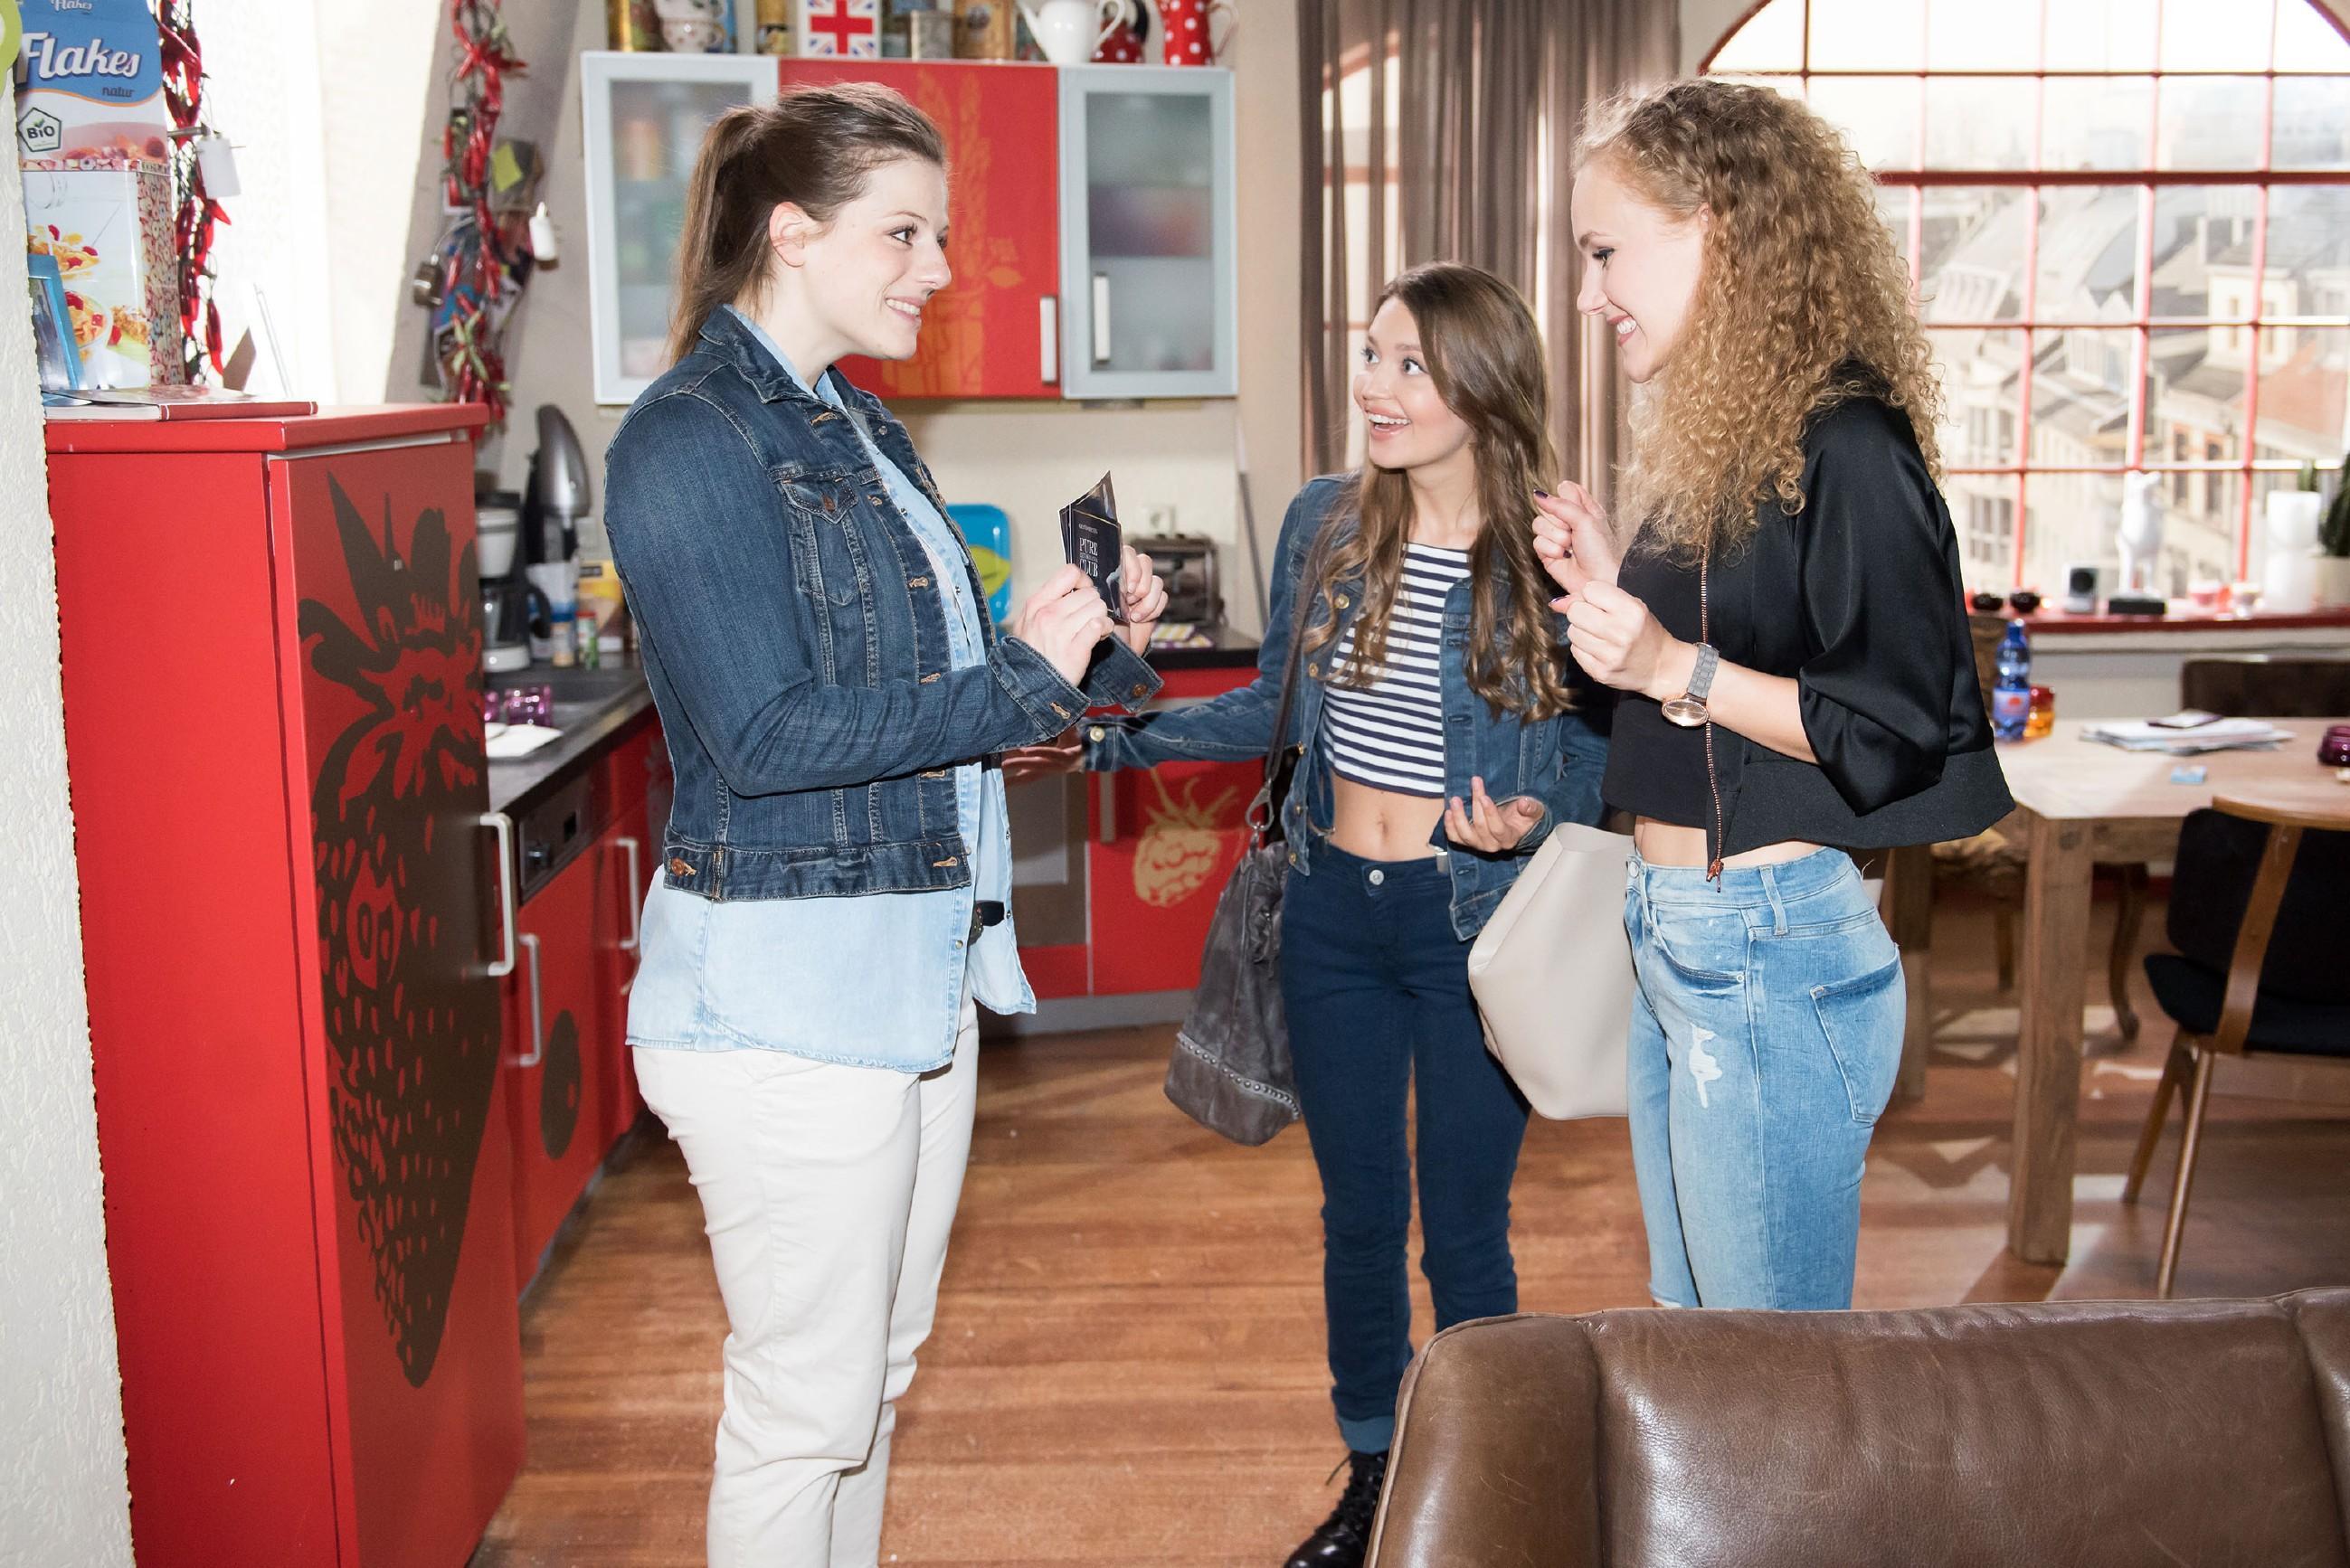 Elli (Nora Koppen, l.) übergibt KayC (Pauline Angert, r.) im Beisein von Jule (Amrei Haardt) die Karten für einen gemeinsamen Abend und ist glücklich, als KayC begeistert reagiert.